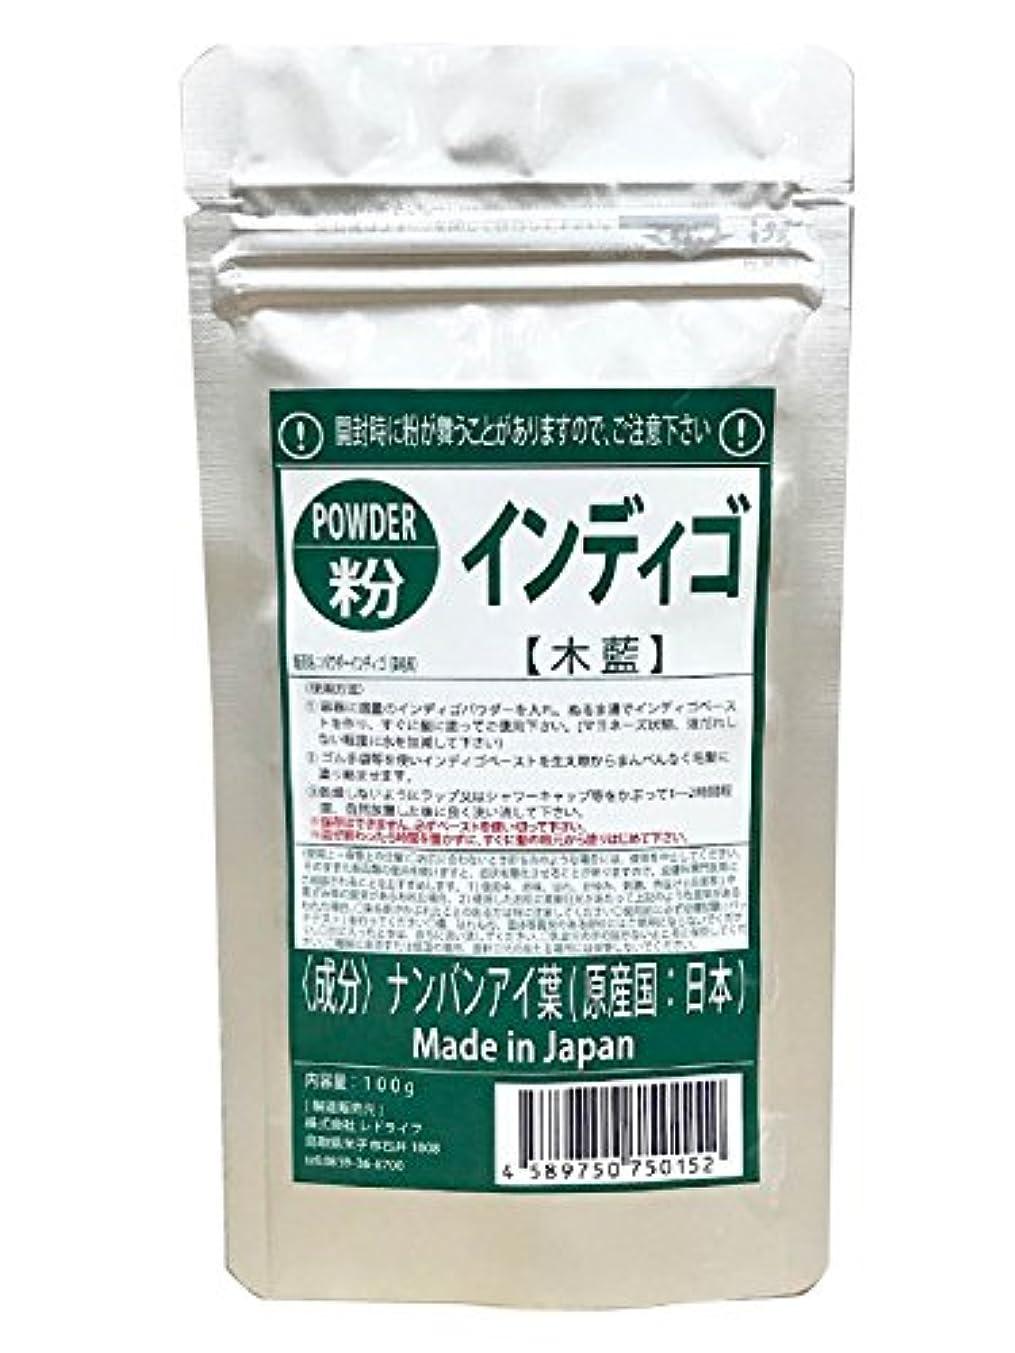 見えない在庫地上でSarajina パウダーインディゴ 木藍 日本国産インディゴ 100g